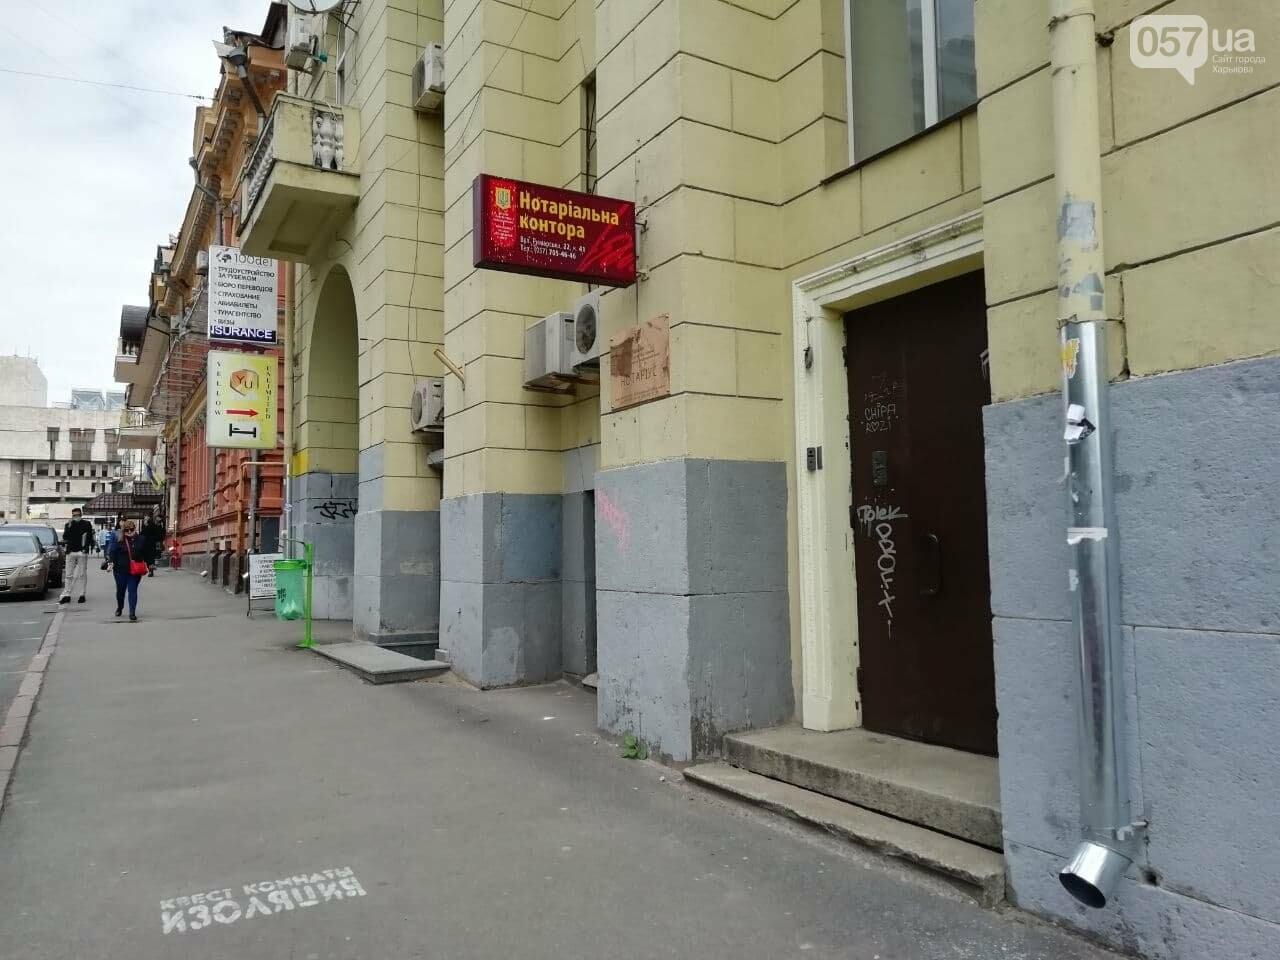 Квартира Шевелева в центра Харькова стала творческой резиденцией, - ФОТО, ВИДЕО, фото-3